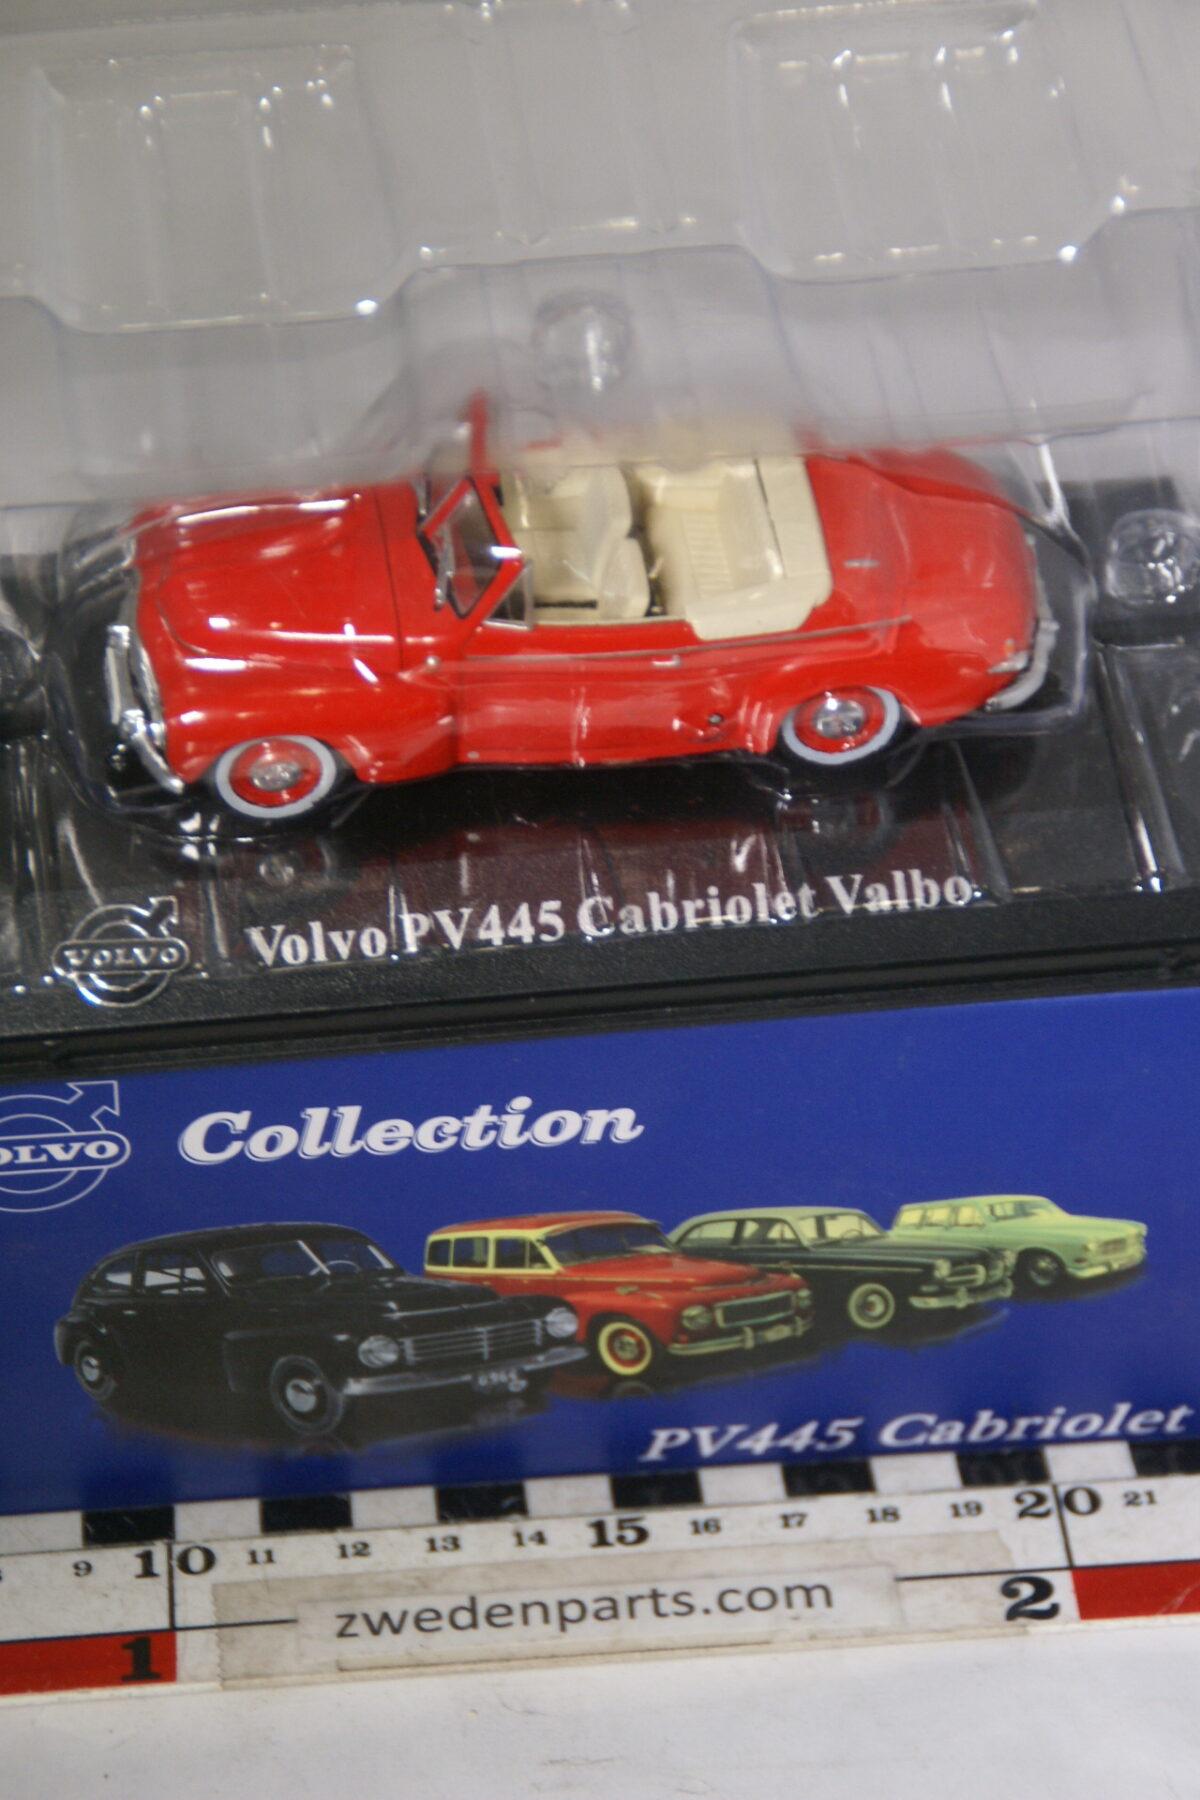 DSC00529 miniatuur Volvo PV445 Valbo Cabriolet rood 1op43 Atlas 78 nieuw in originele verpakking-36464a95